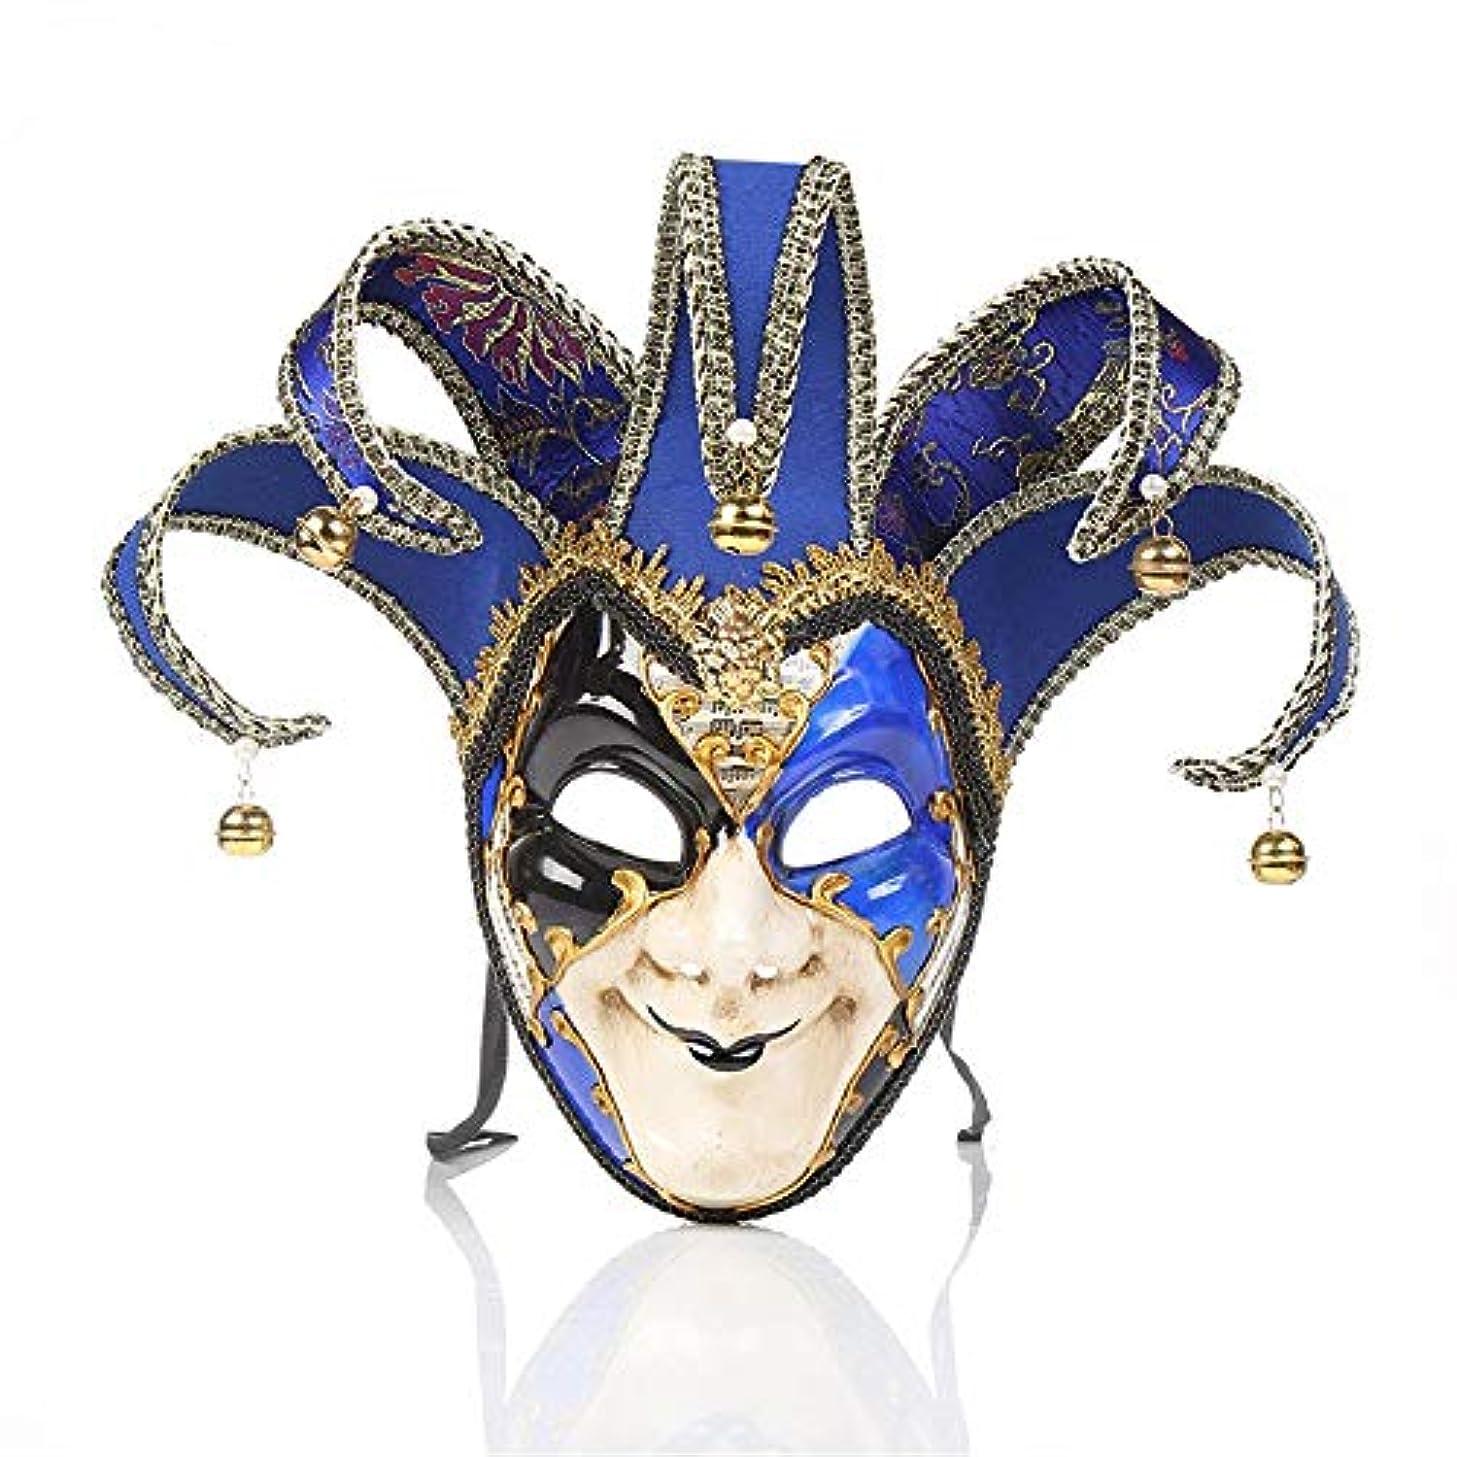 ランプ手錠排気ダンスマスク ピエロマスクハロウィーンパフォーマンスパフォーマンス仮面舞踏会雰囲気用品祭りロールプレイングプラスチックマスク ホリデーパーティー用品 (色 : 青, サイズ : 39x33cm)